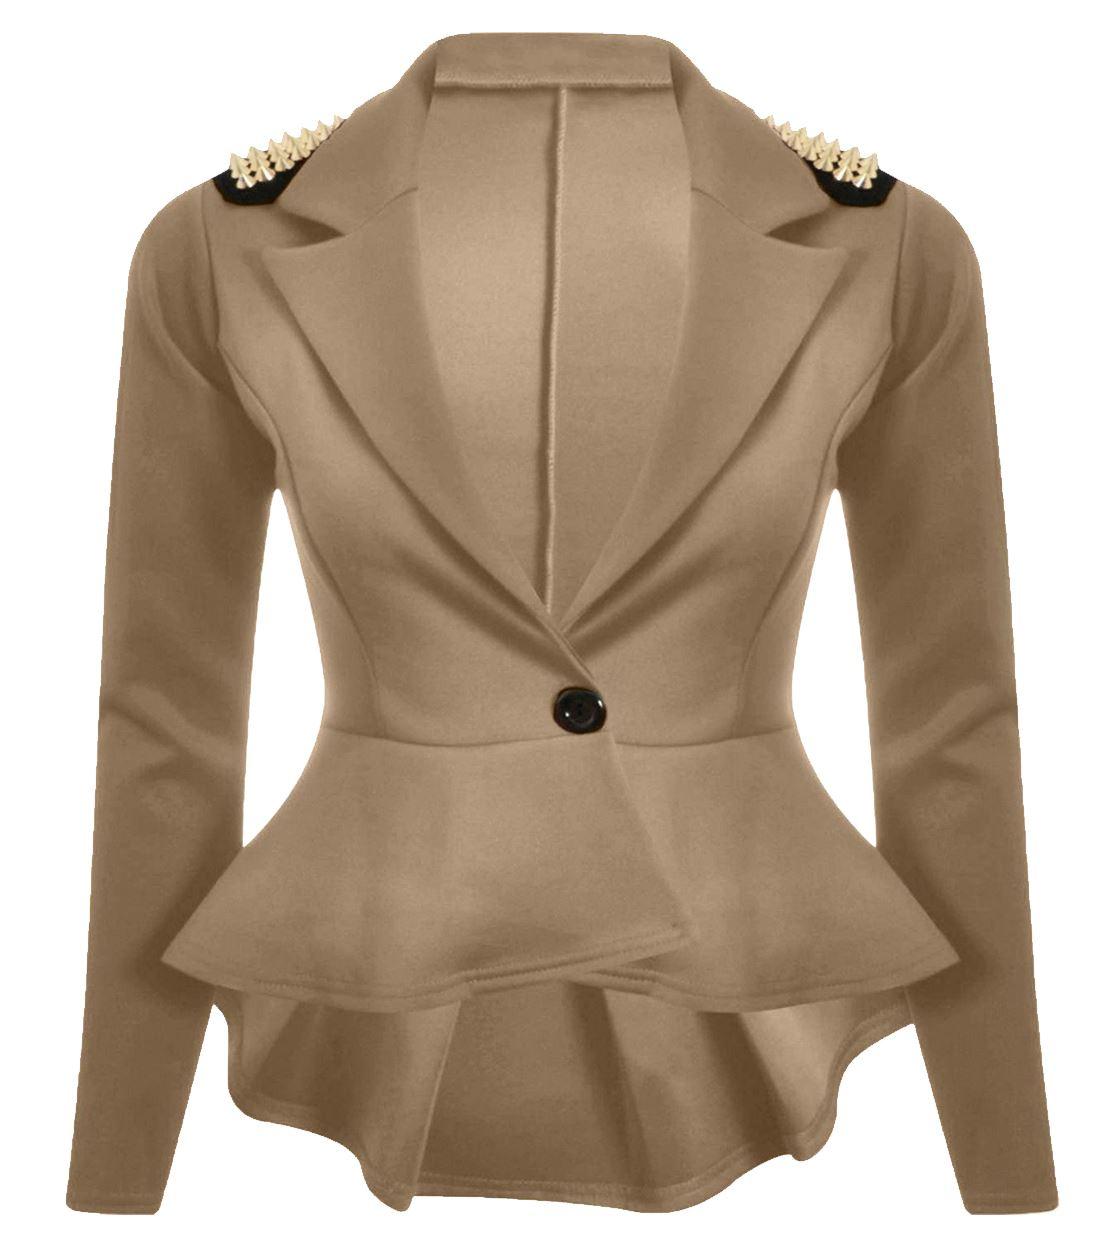 New Womens Spikes Studded Crop Peplum Frill Blazer Single Button ...